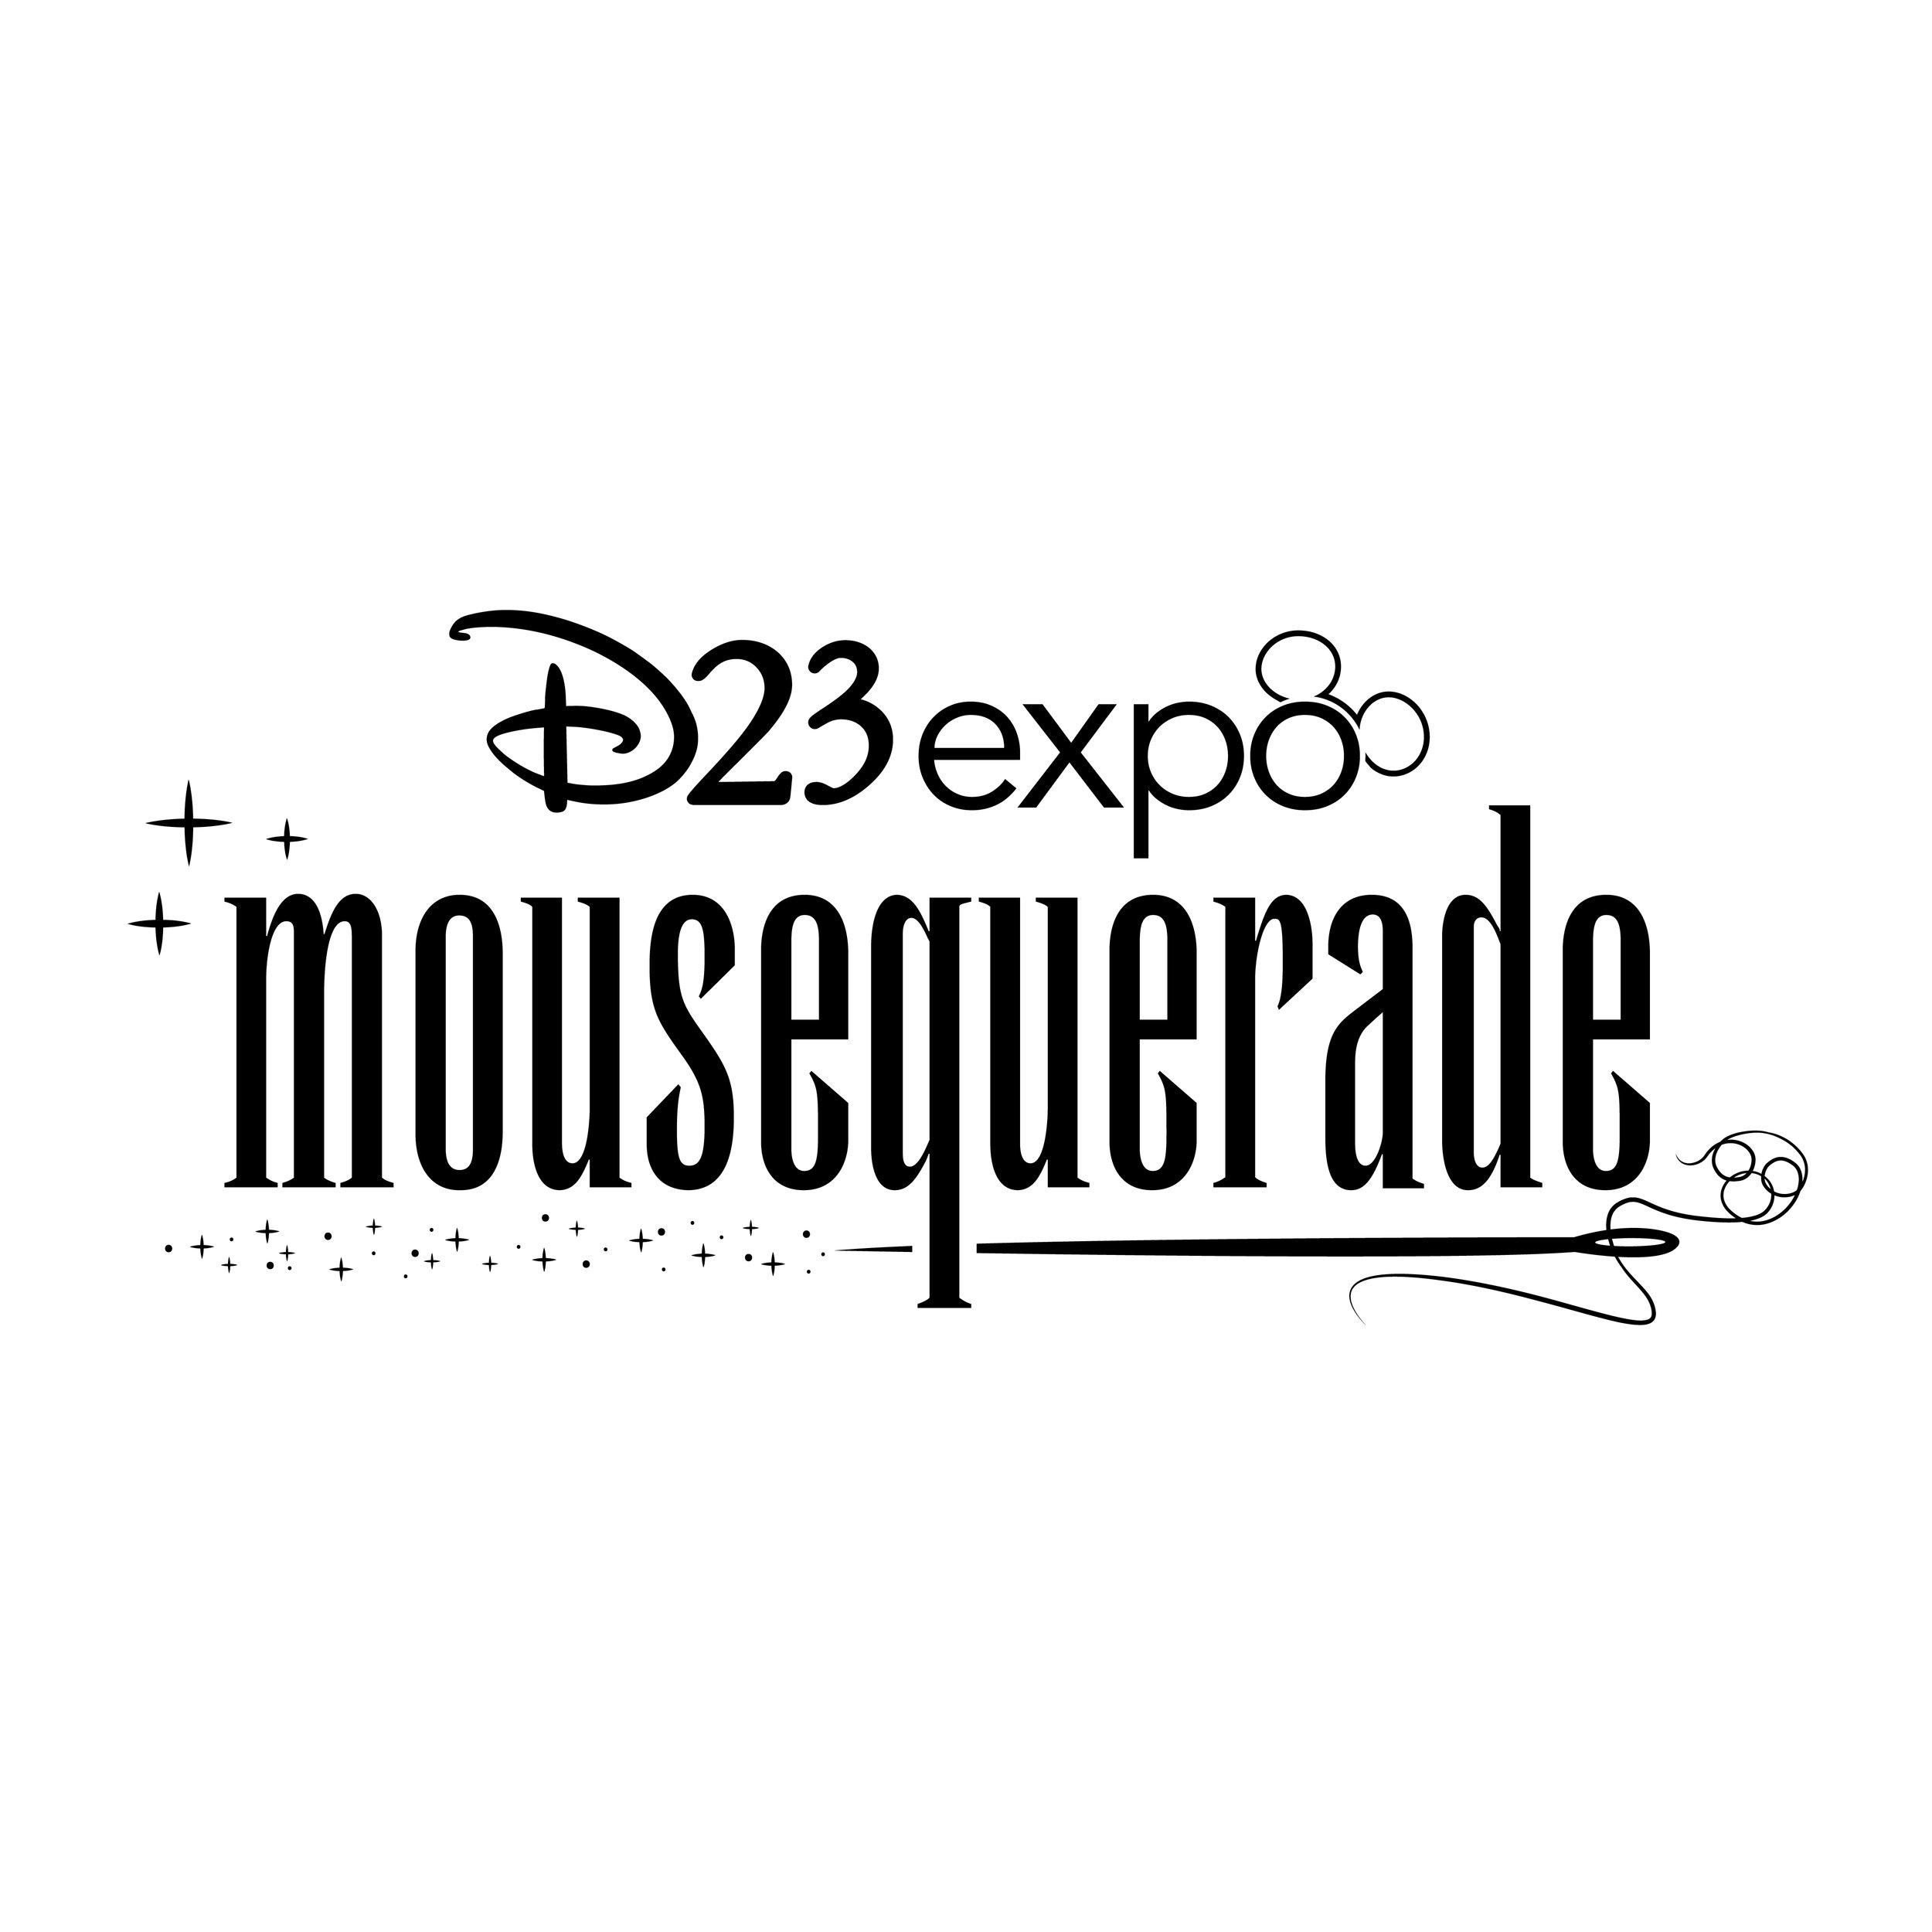 Expo19_Mousequerade_Logo.jpg